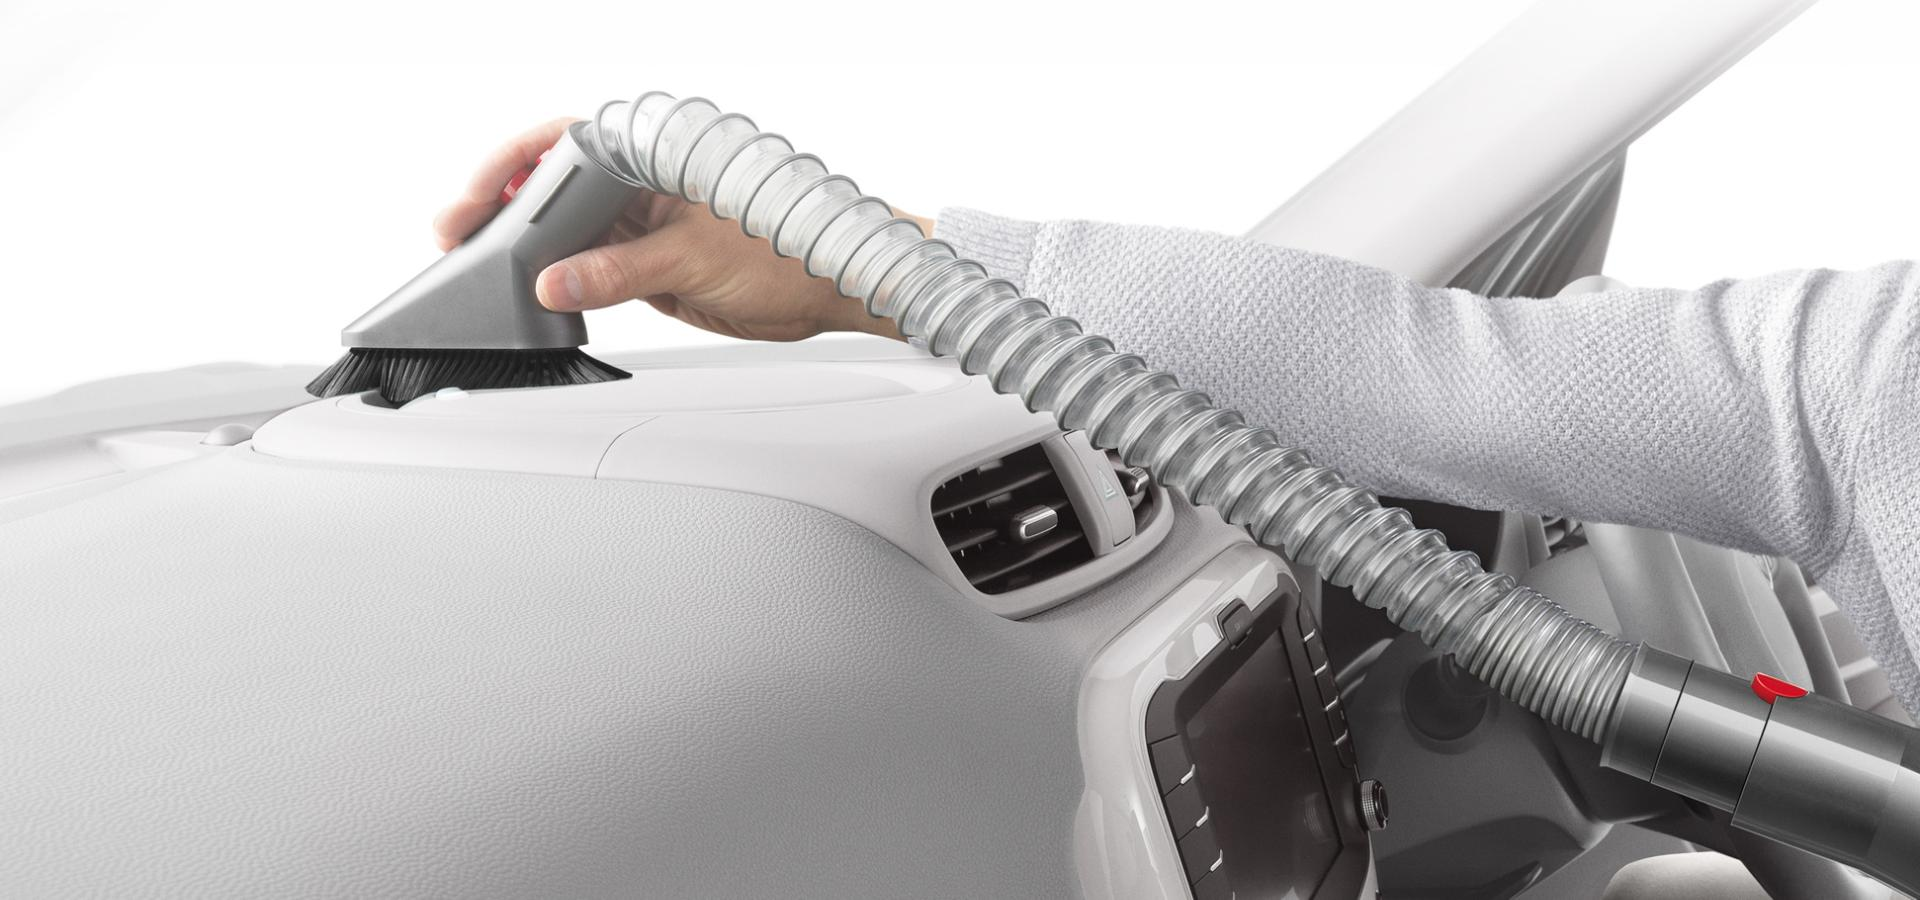 הצינור המאריך גמיש מנקה בתוך הרכב